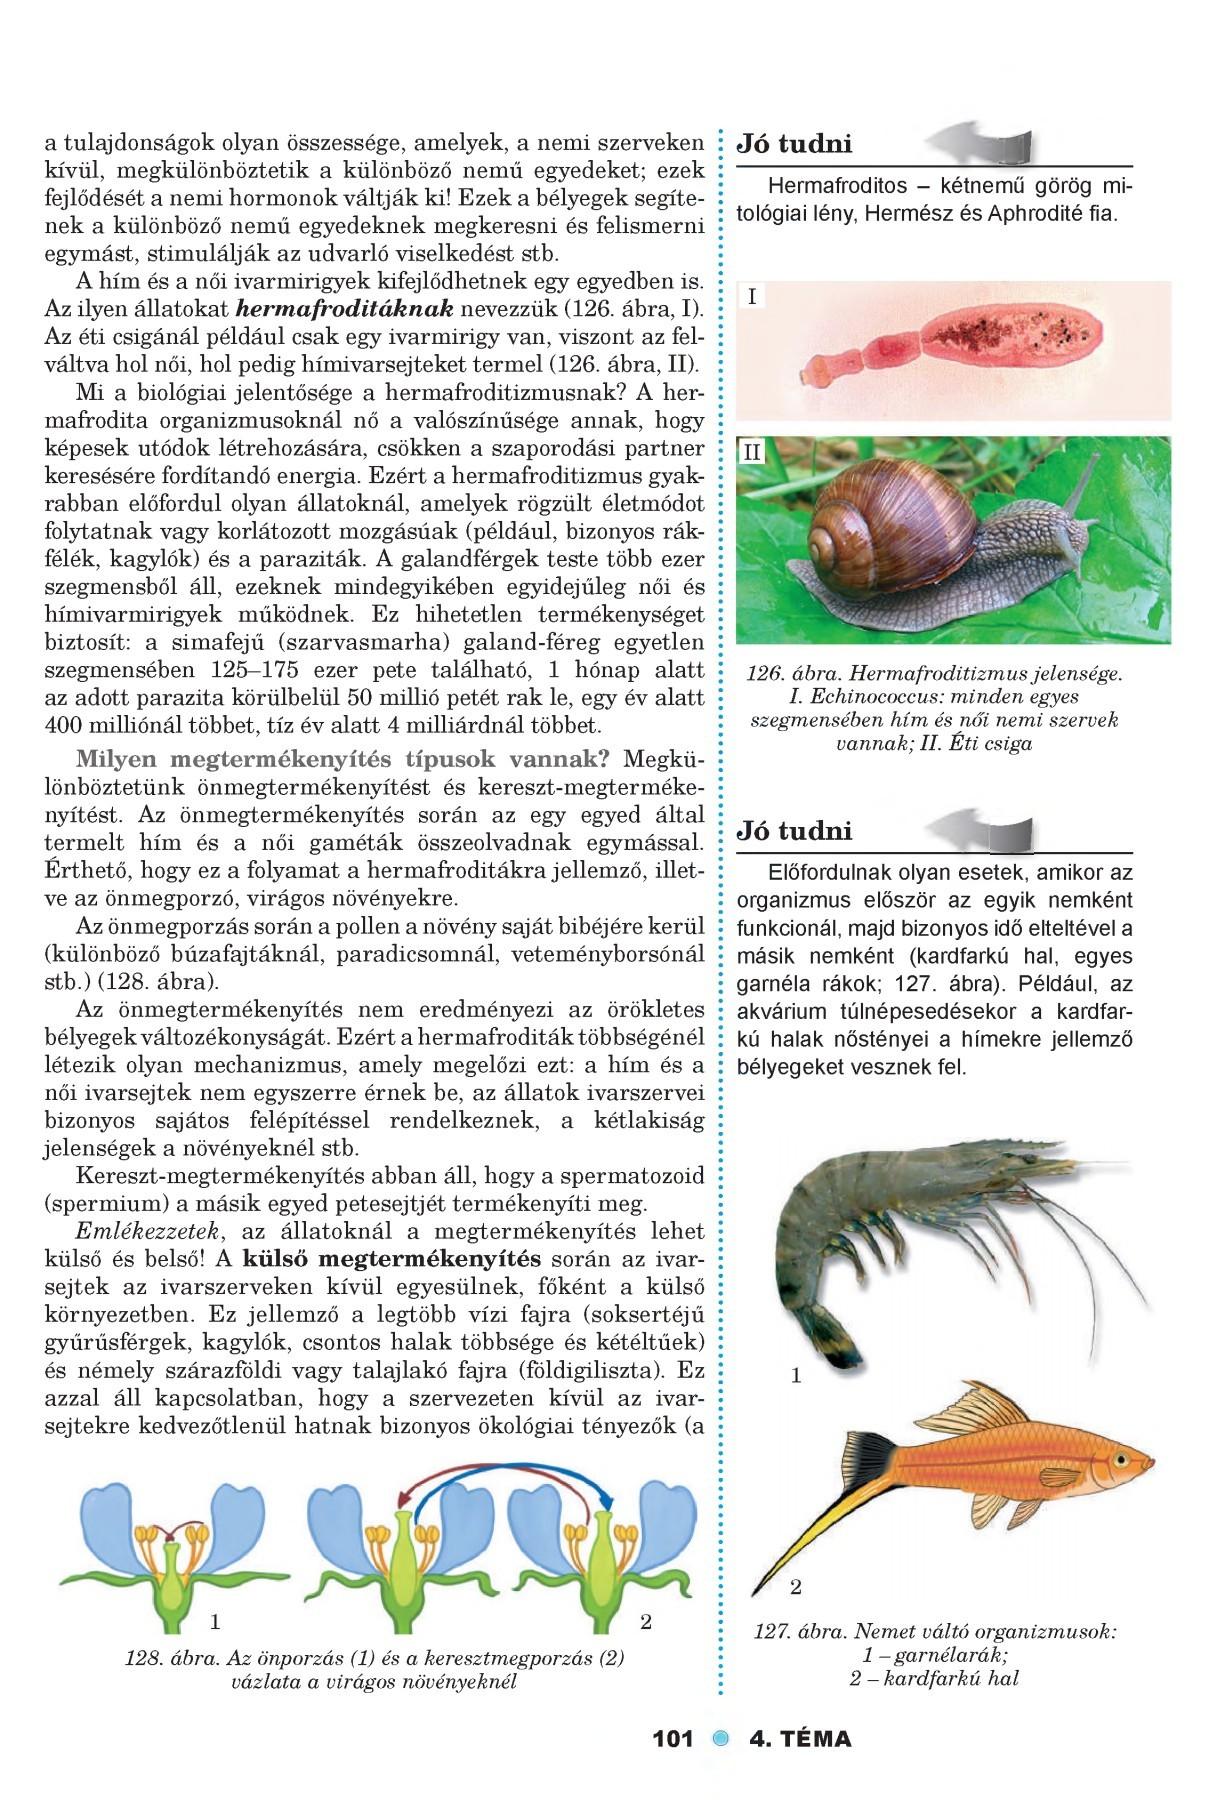 lo fereghajto paszta melyik a póréhagyma parazita